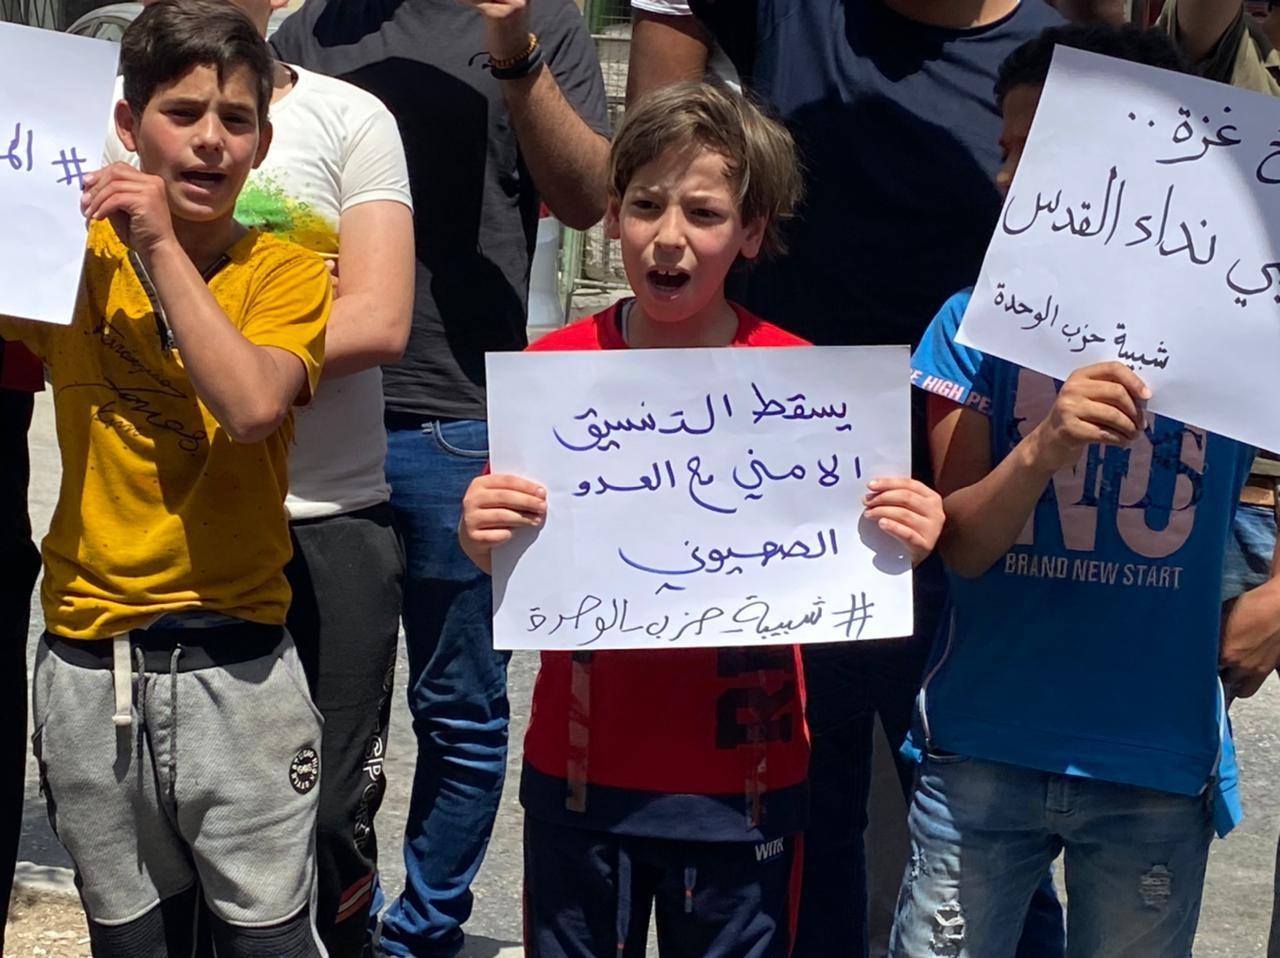 وقفة نظمتها شبيبة حزب الوحدة الشعبيّة في عمان إسنادًا للشعب الفلسطيني في القدس  (4).jpg